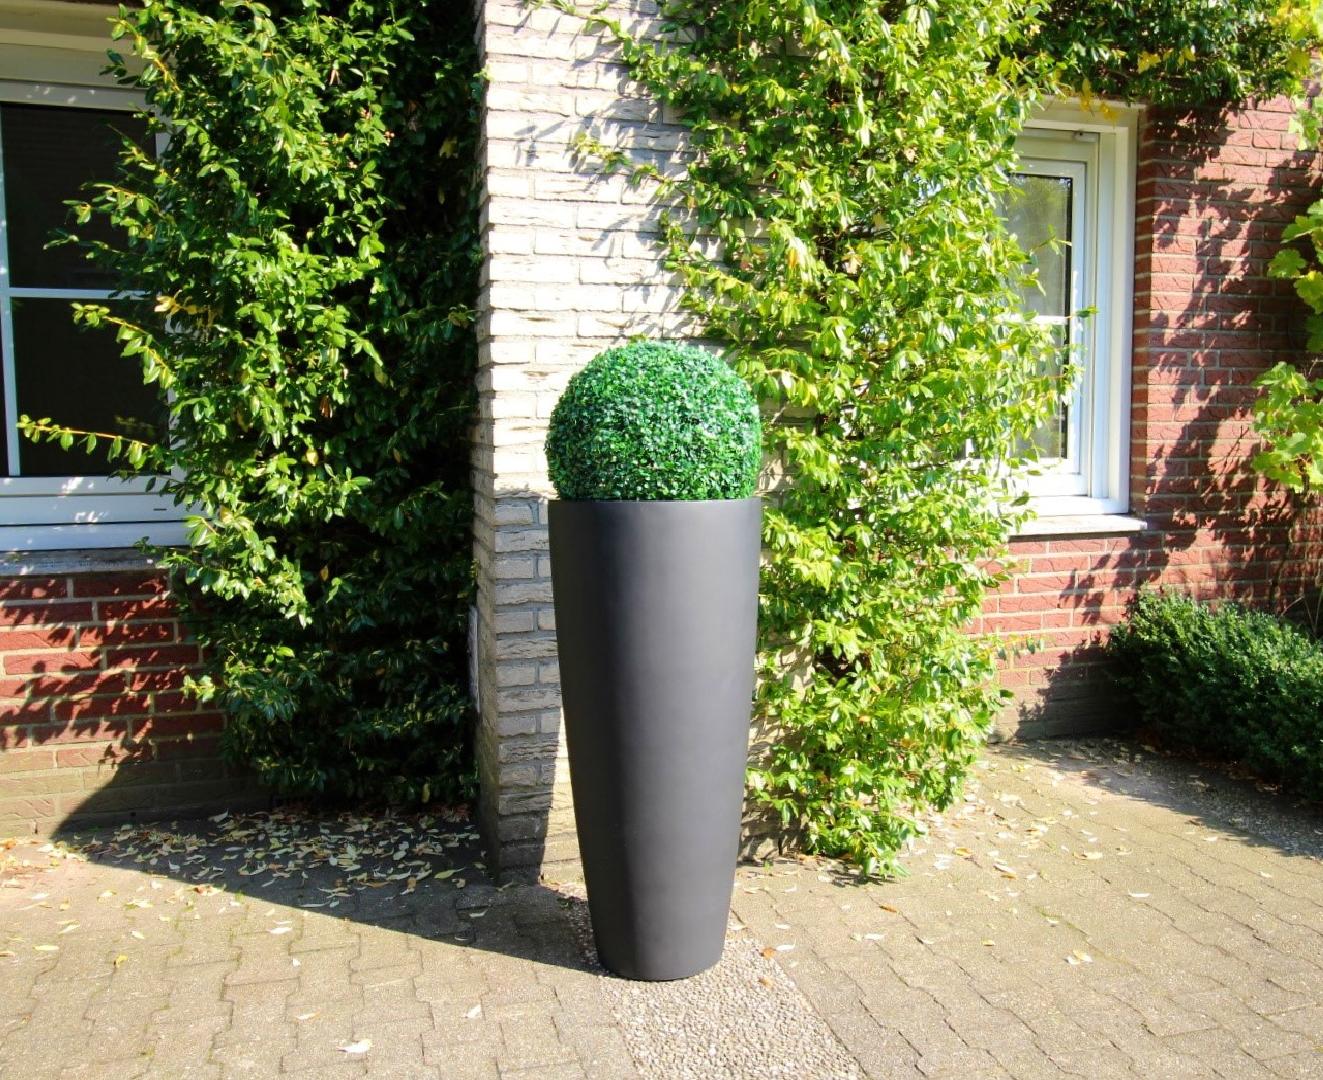 pflanzk bel aus fiberglas f r innen und au en geeignet. Black Bedroom Furniture Sets. Home Design Ideas